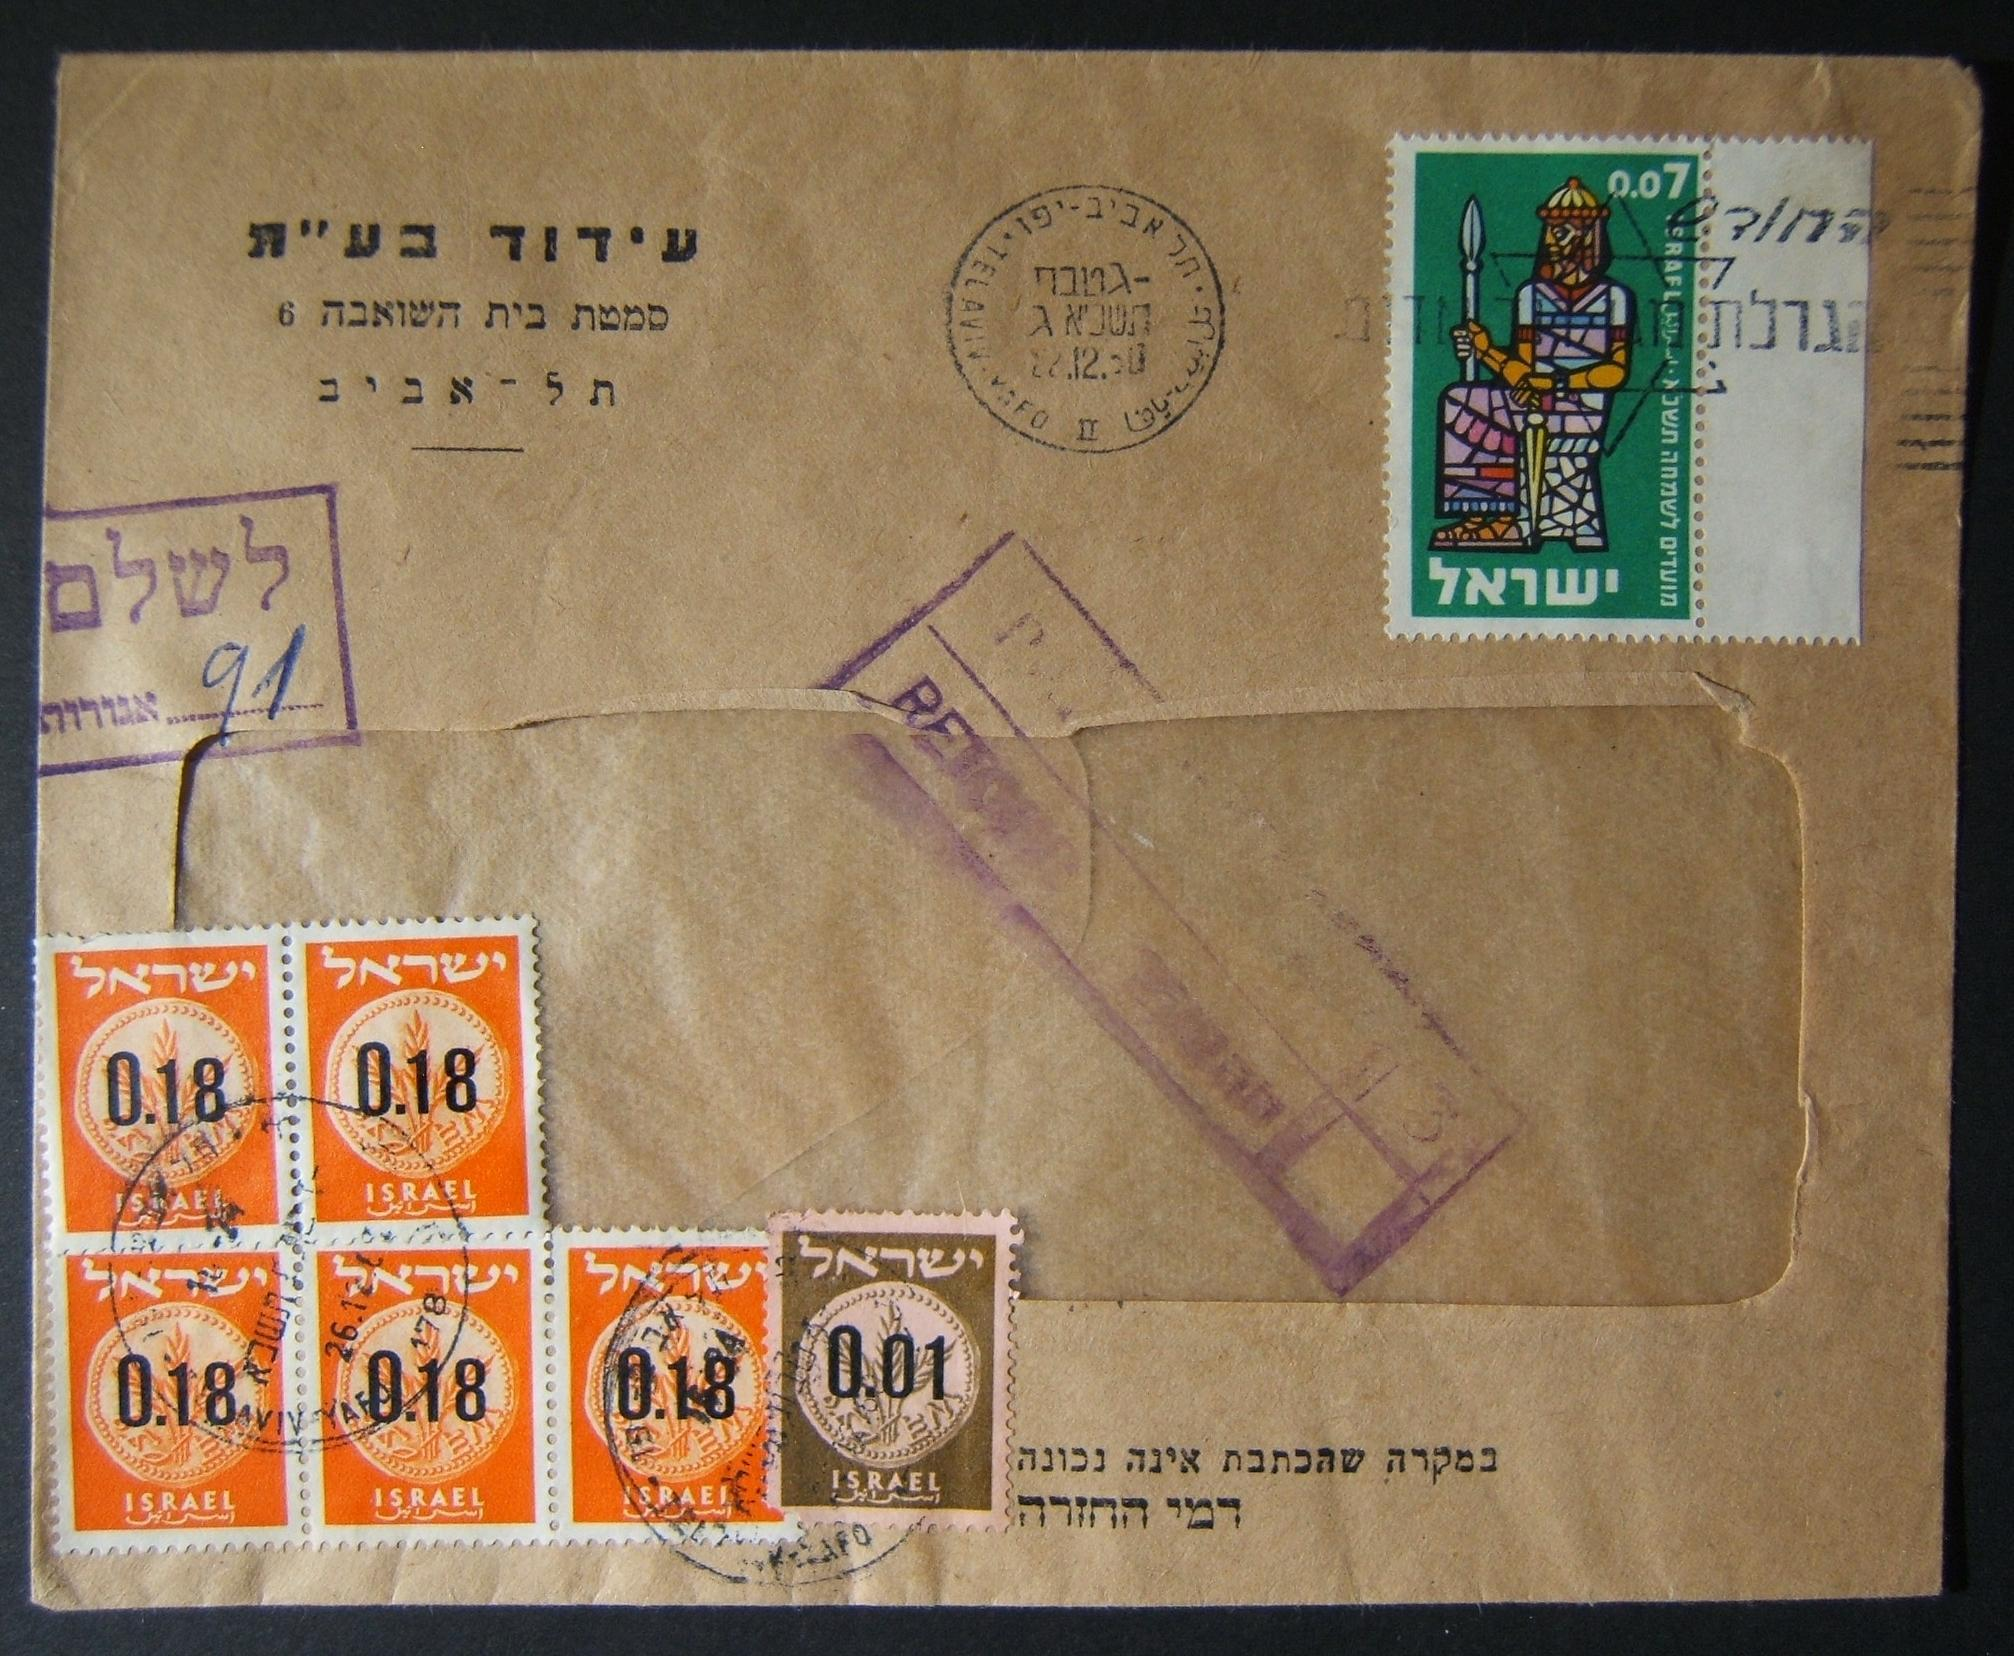 """1960 """"المحلية من كومة"""" فرض ضريبة على الضرائب: 22-12-60 تغطية المواد المطبوعة التجارية فرع TLV السابق من Idud المحدودة فرانك 7 Ag في فترة PM -10 PM باستخدام 1960 السنة الجديدة Ba1"""